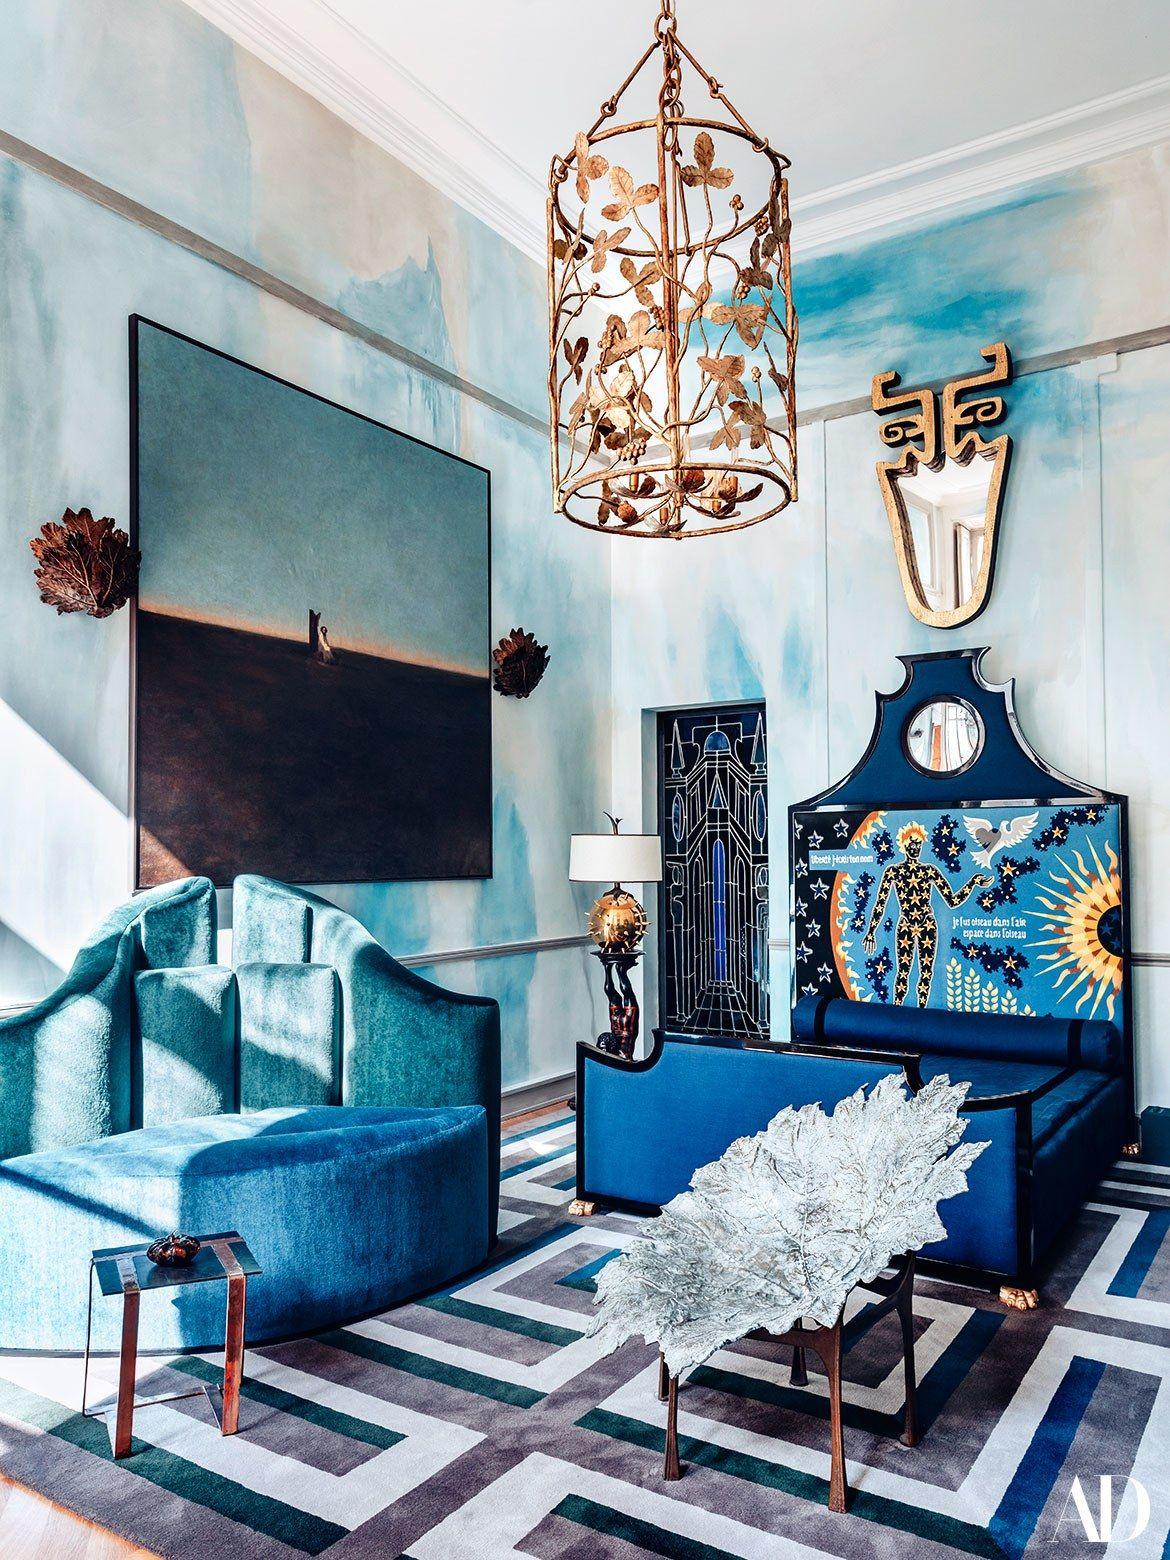 Living room at the home of designer vincent darré in paris france